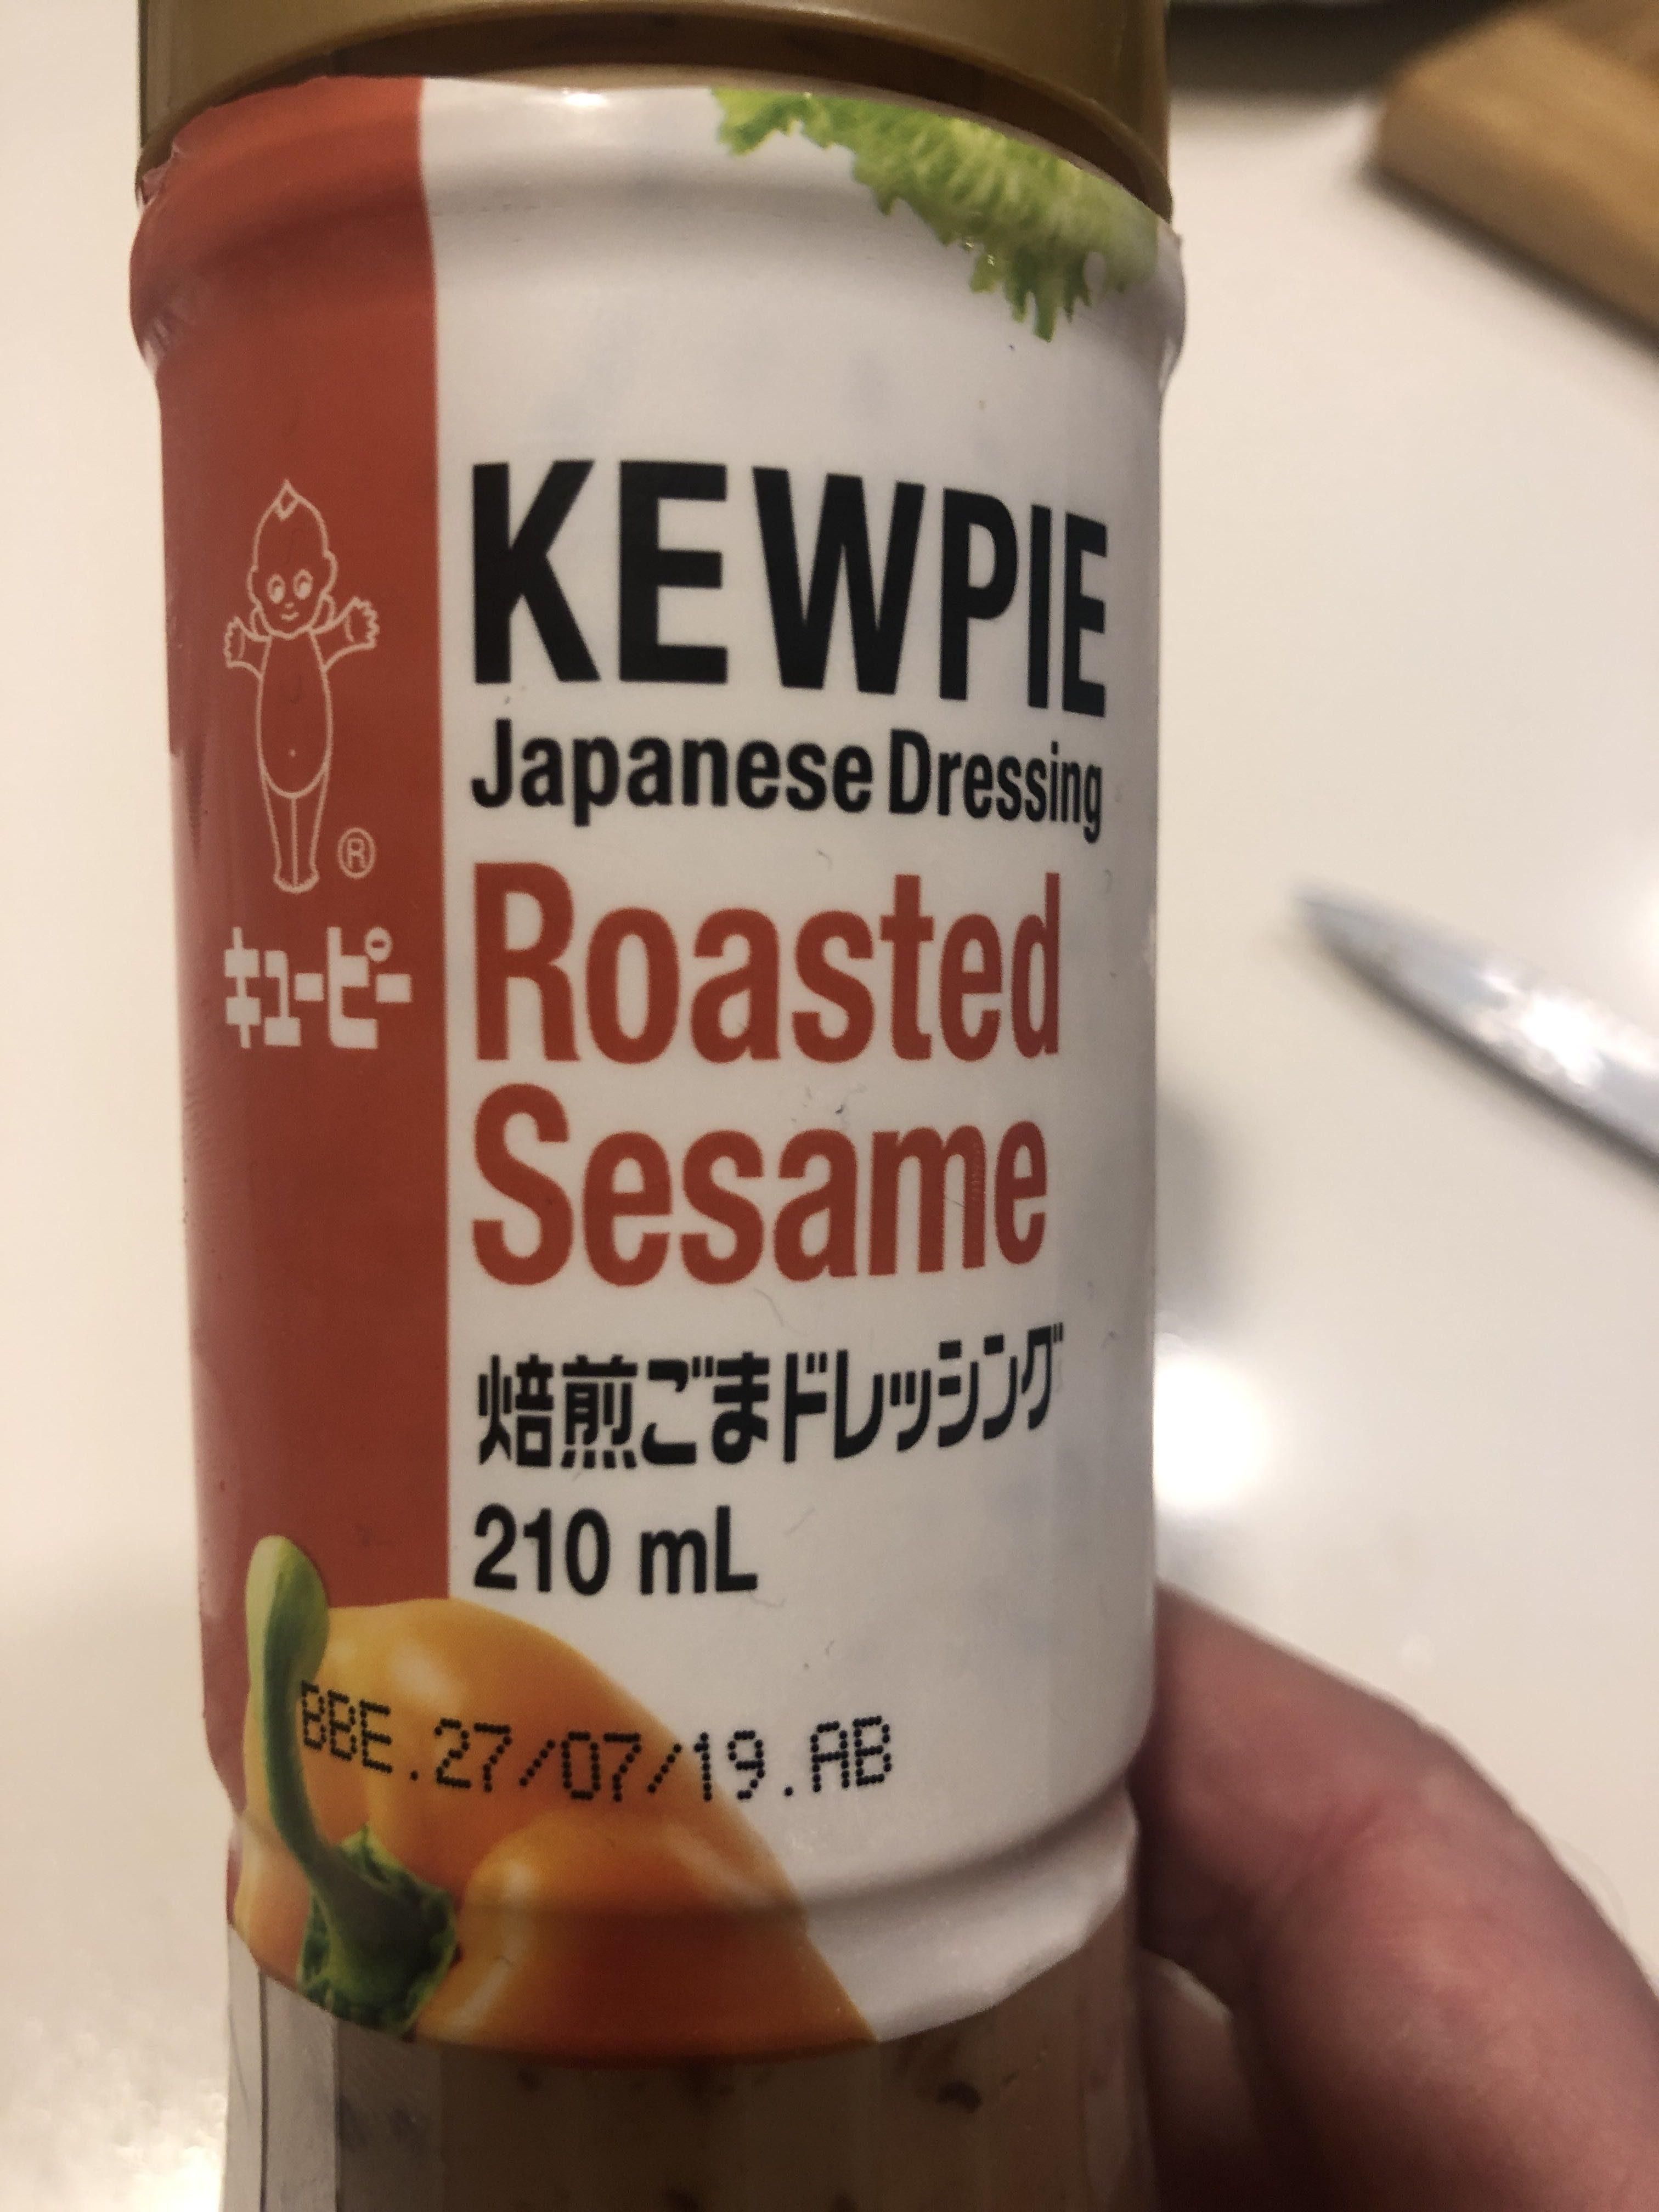 Kewpie japanese dressing - Product - fr